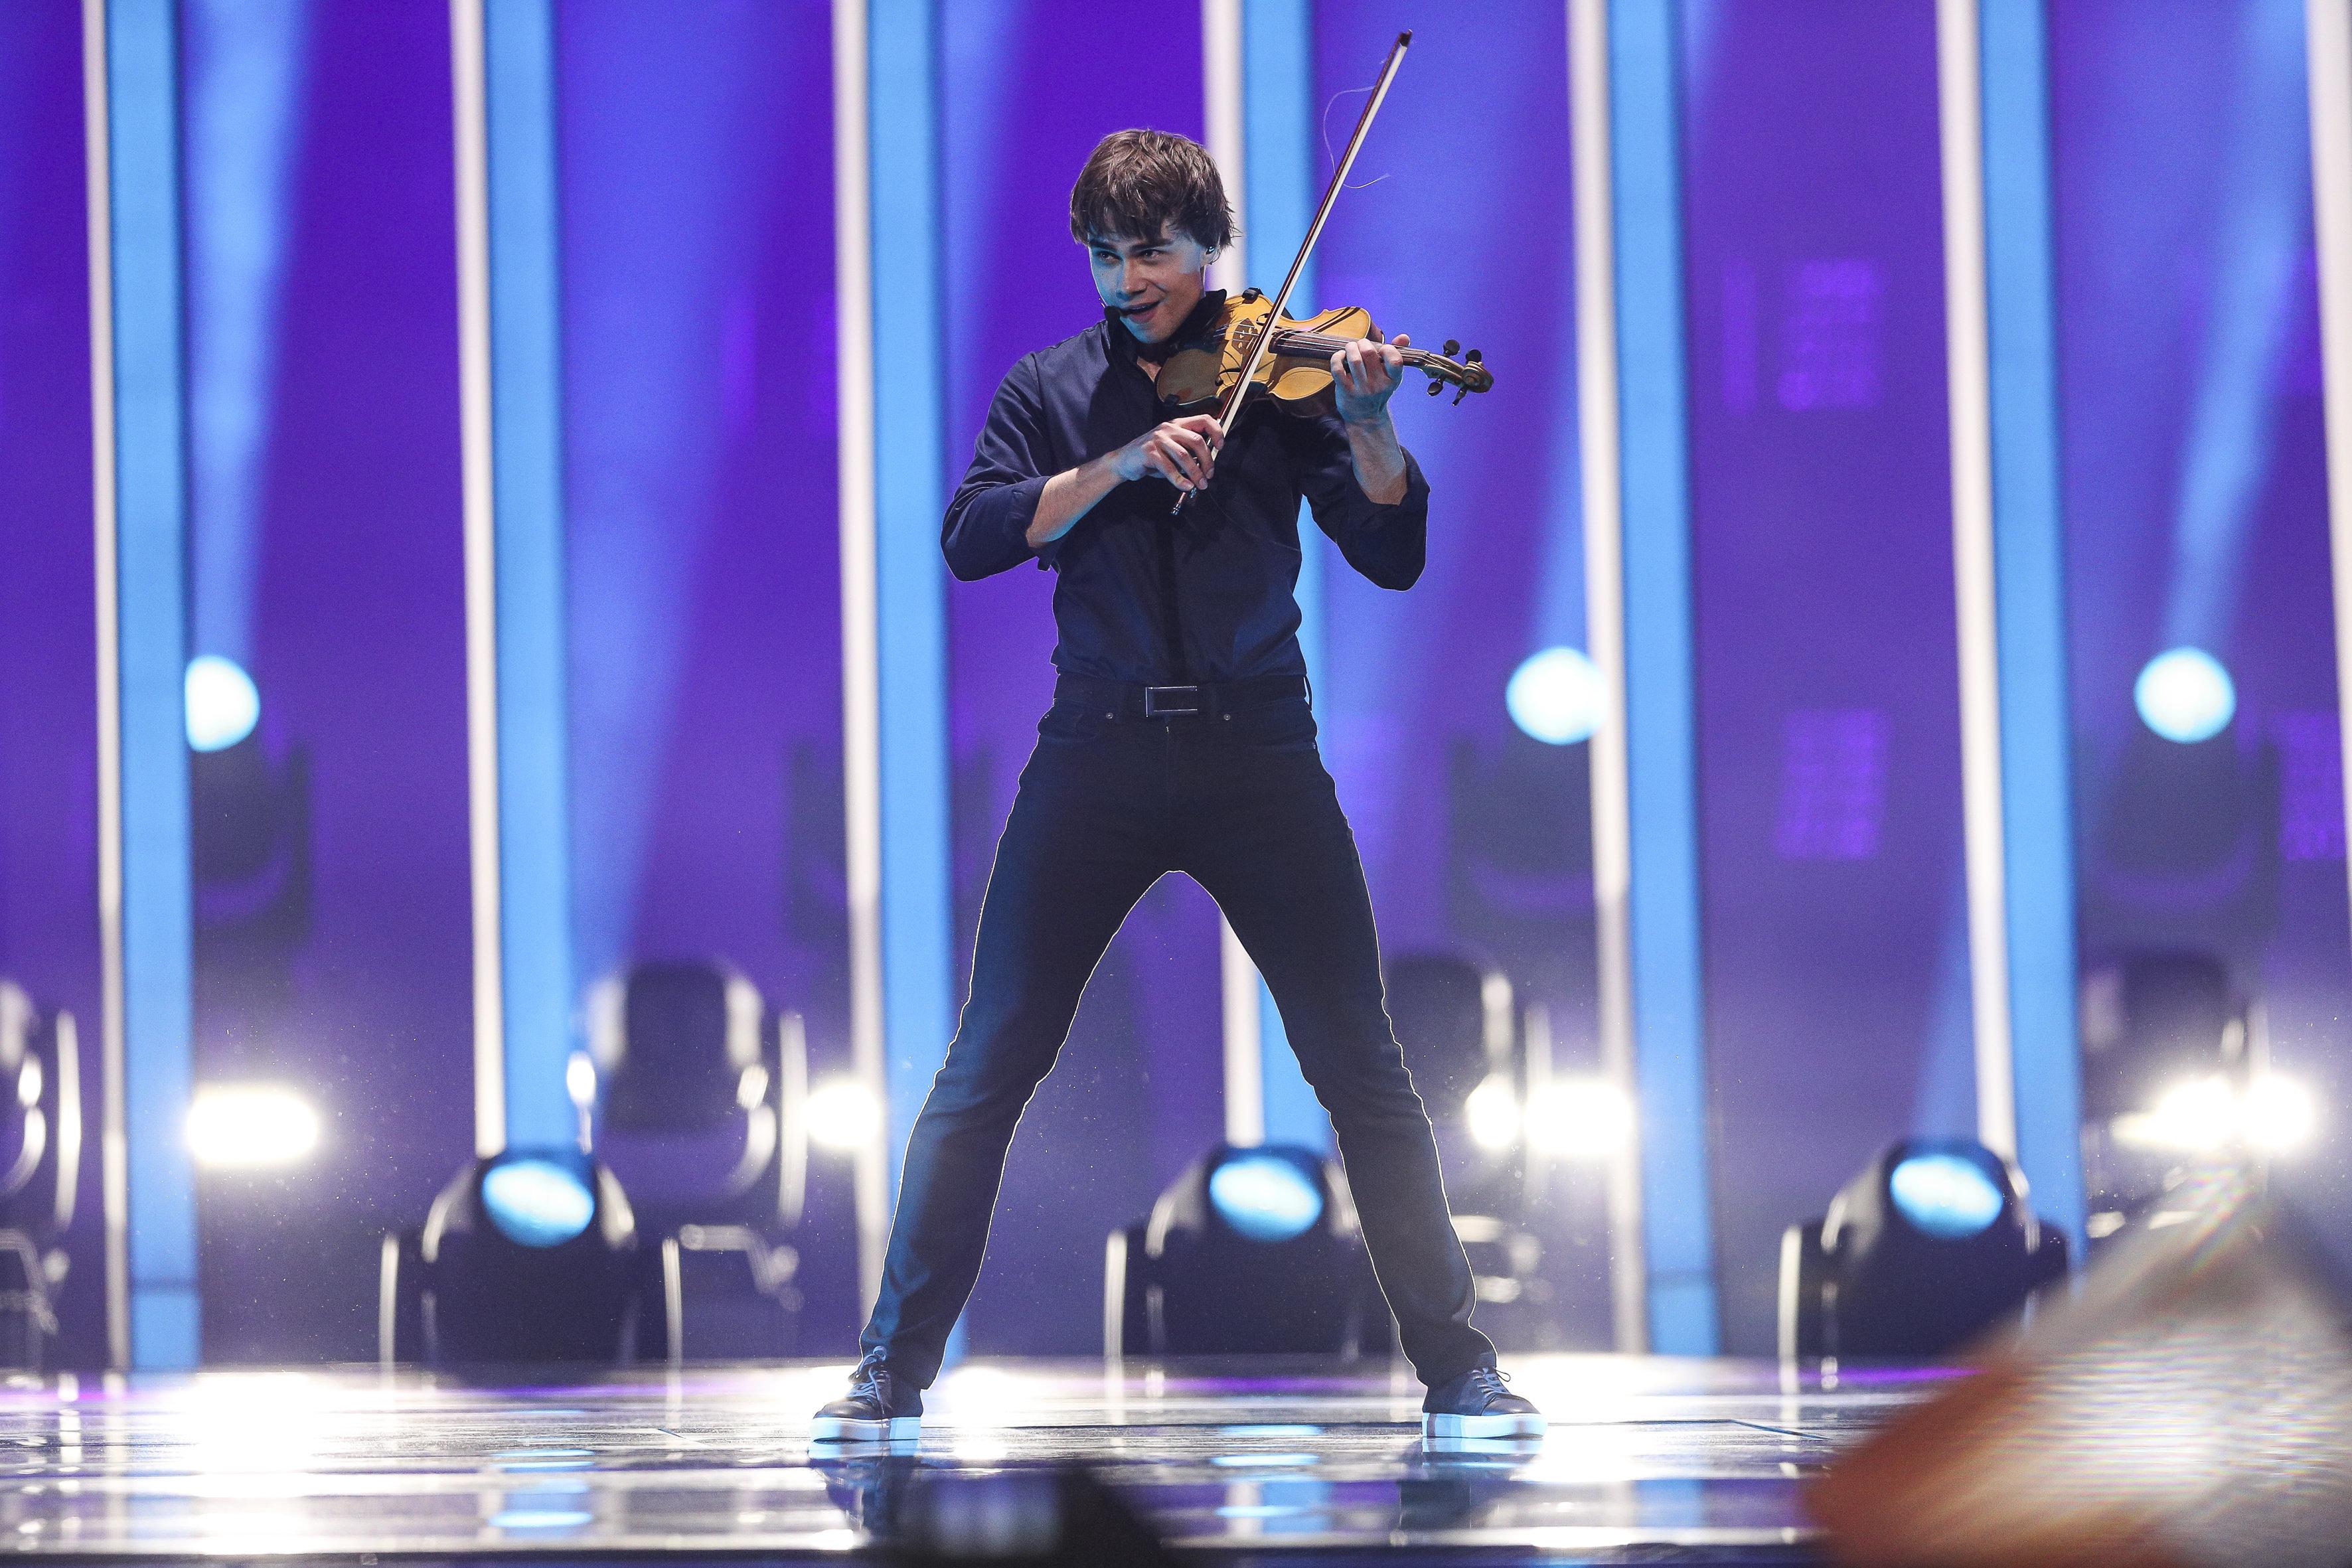 Οι 10 χώρες που πέρασαν τον Β' ημιτελικό της Eurovision - Ποιοι είναι οι φιναλίστ θα διαγωνιστούν στον τελικό του